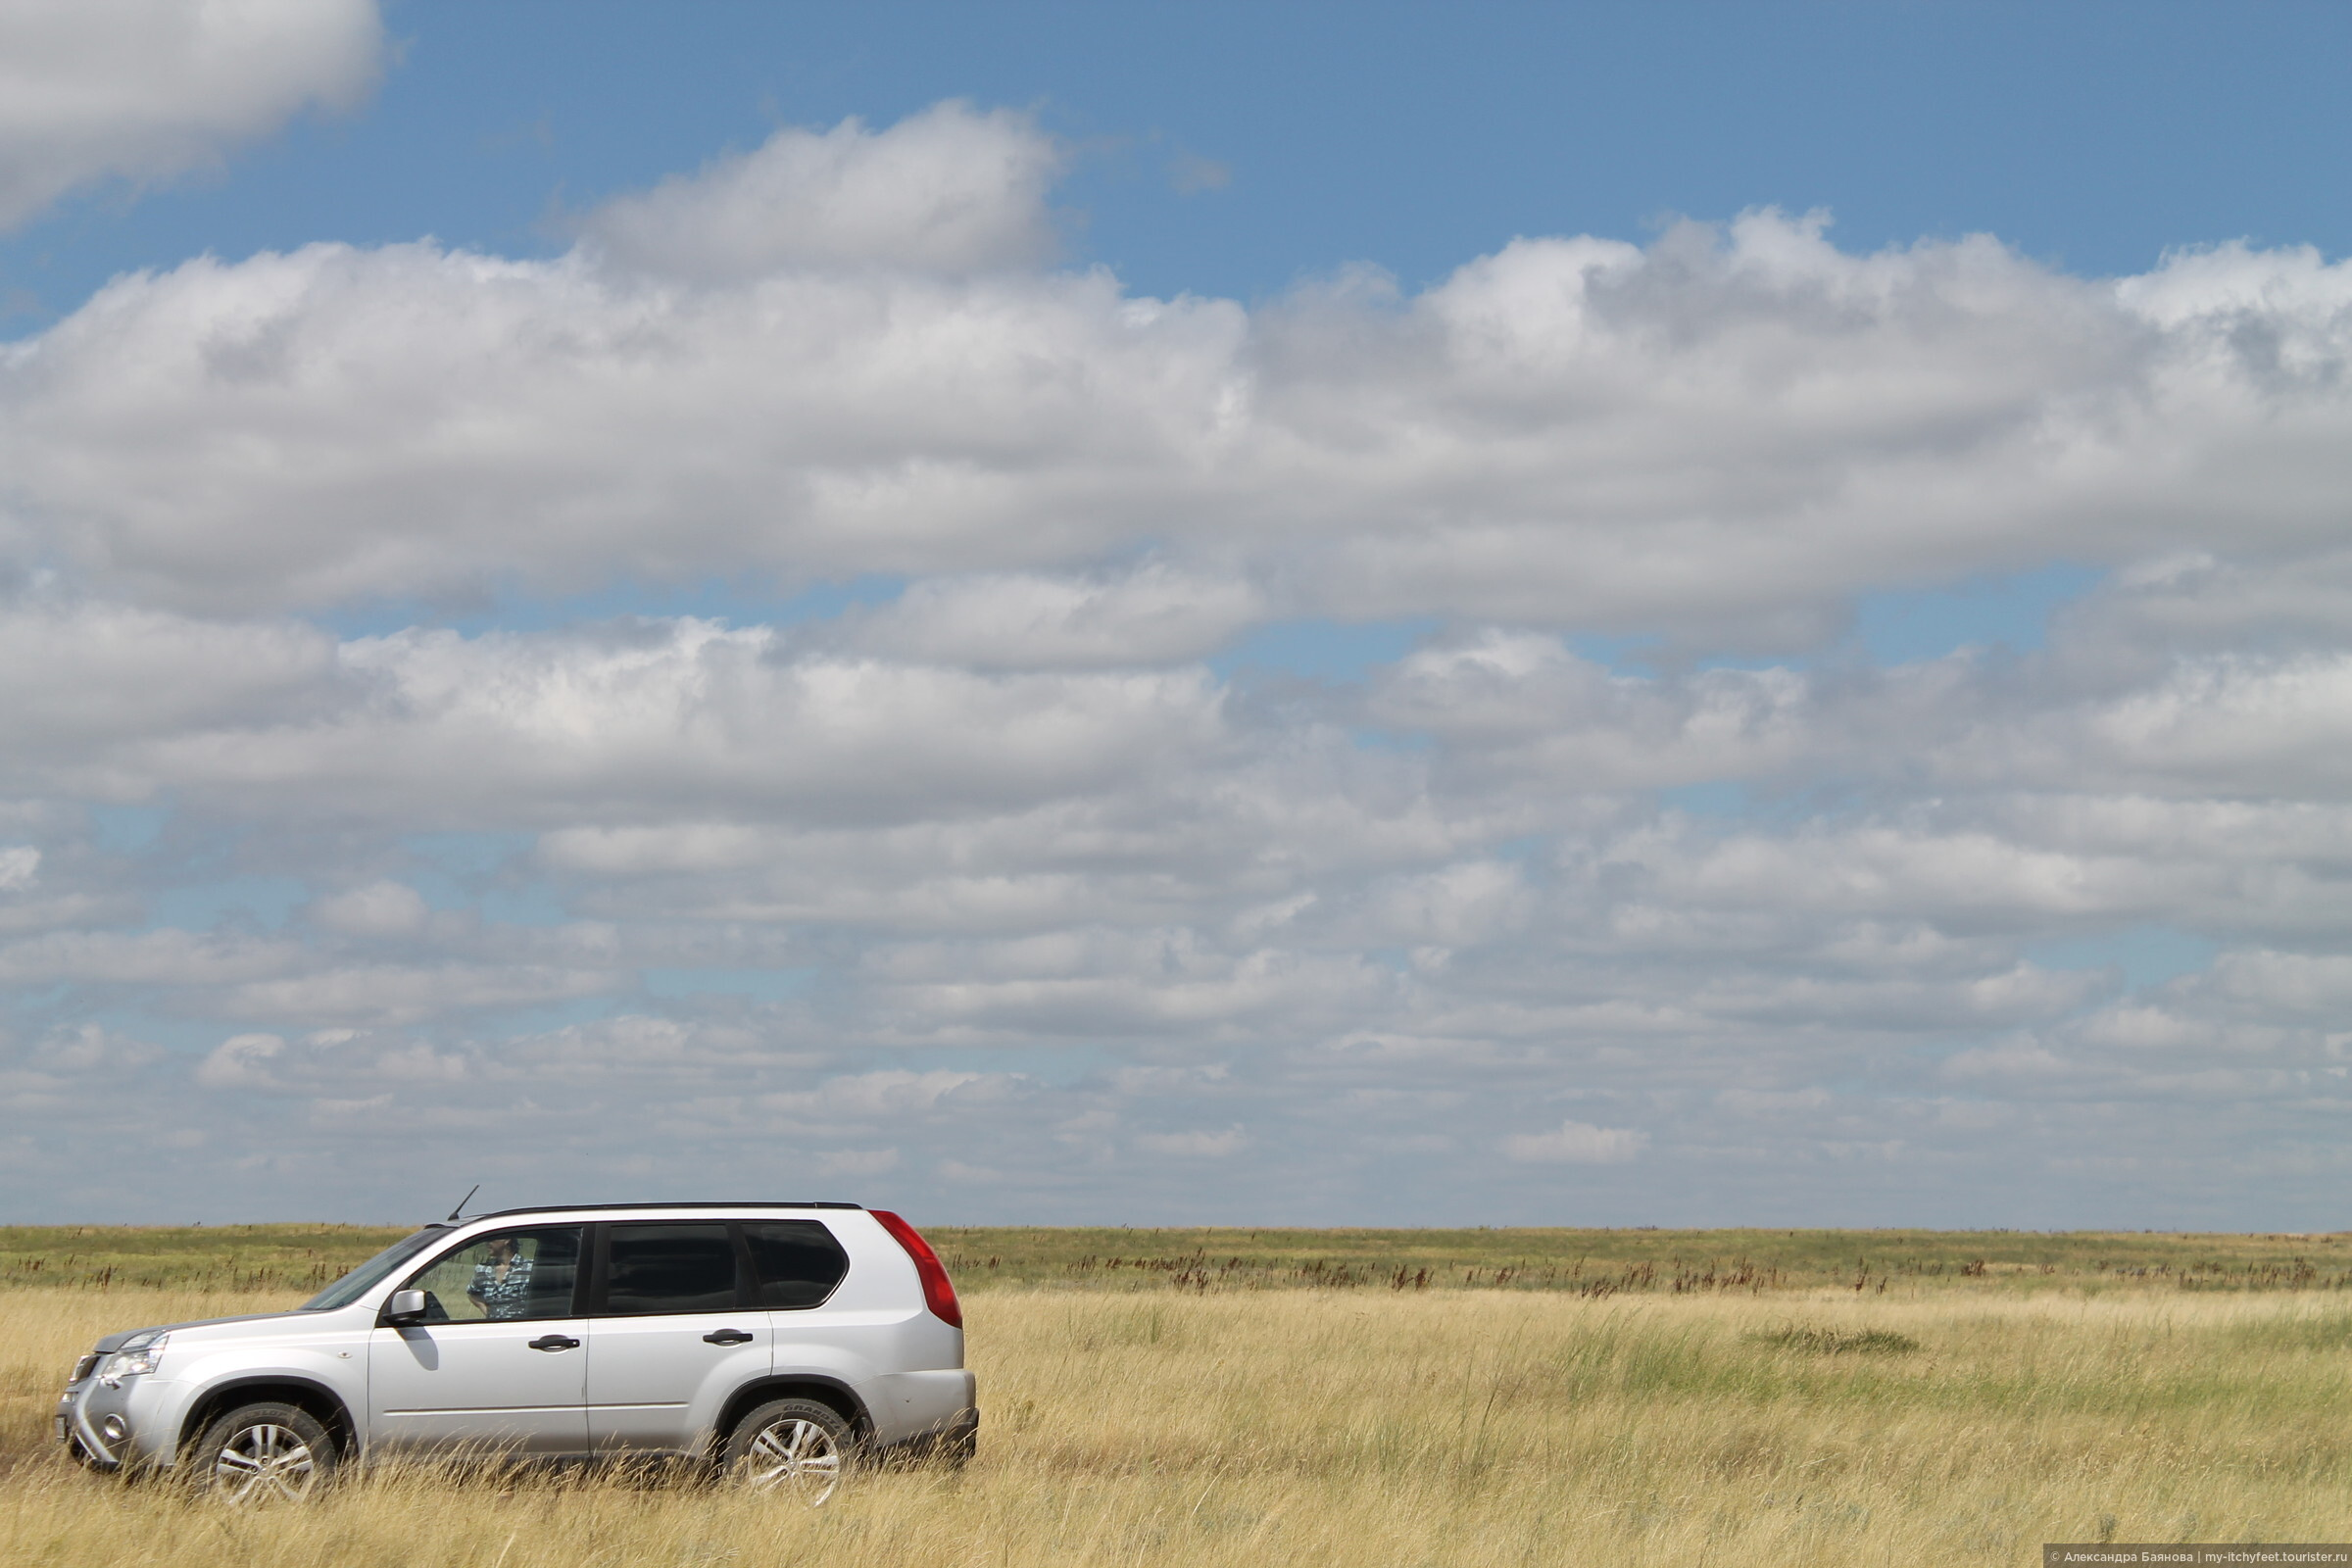 Казахстан (про дороги, казахский менталитет и нашу подготовку)